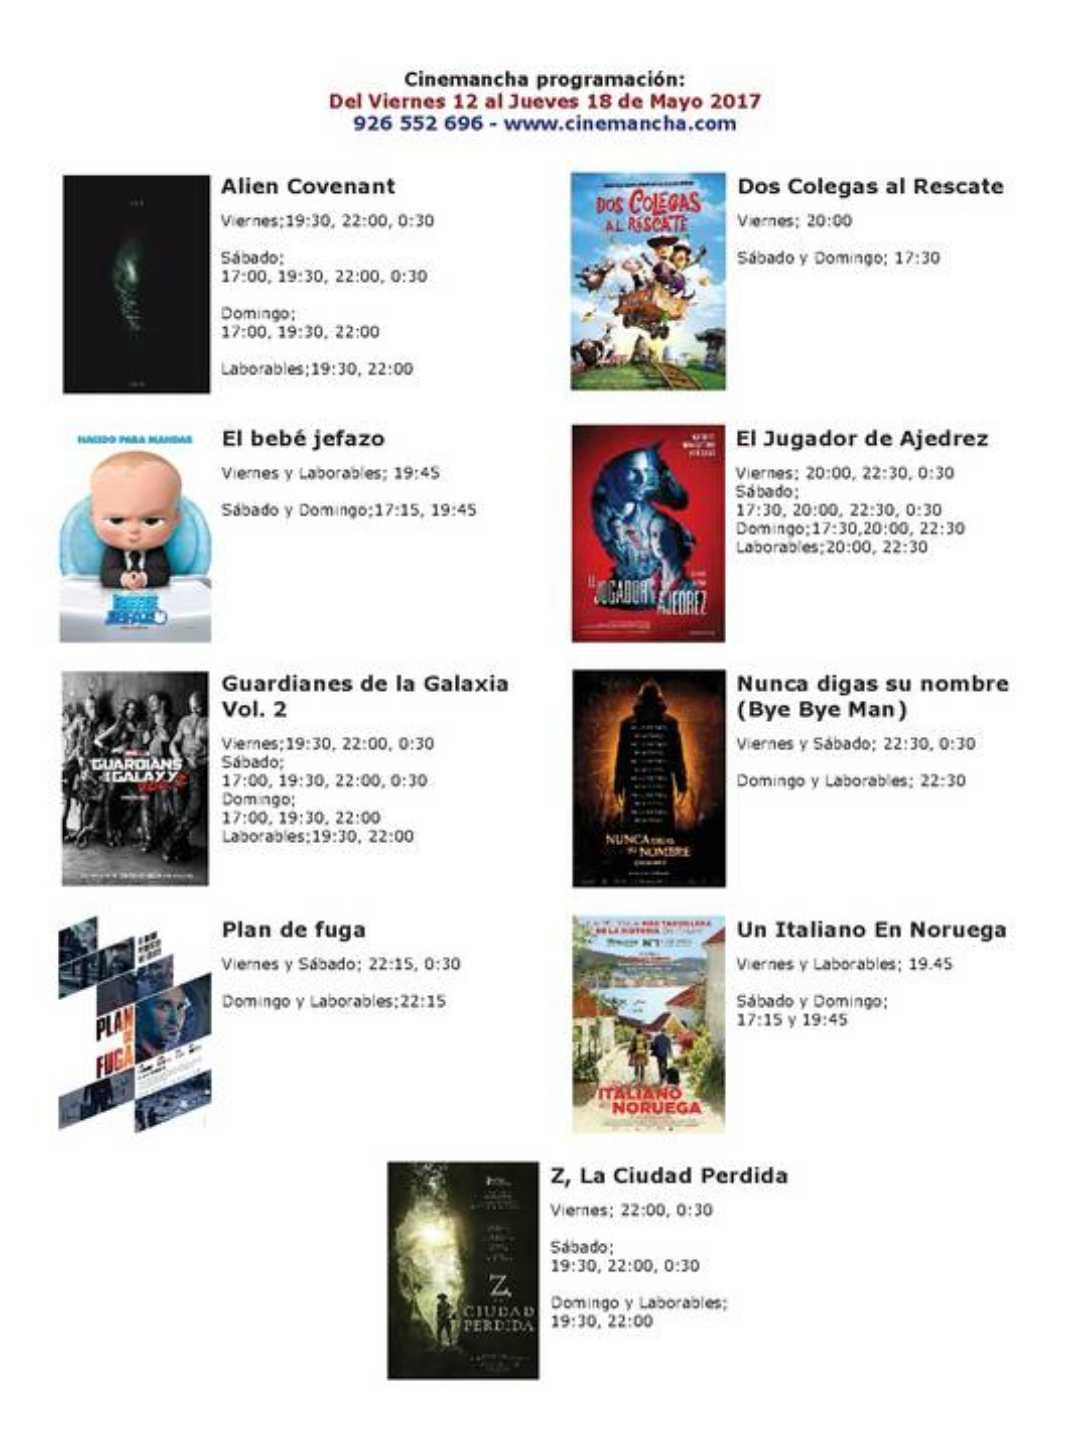 cartelera de cinemancha del 12 al 18 de mayo 1068x1445 - Cartelera Cinemancha del viernes 12 al jueves 18 de mayo